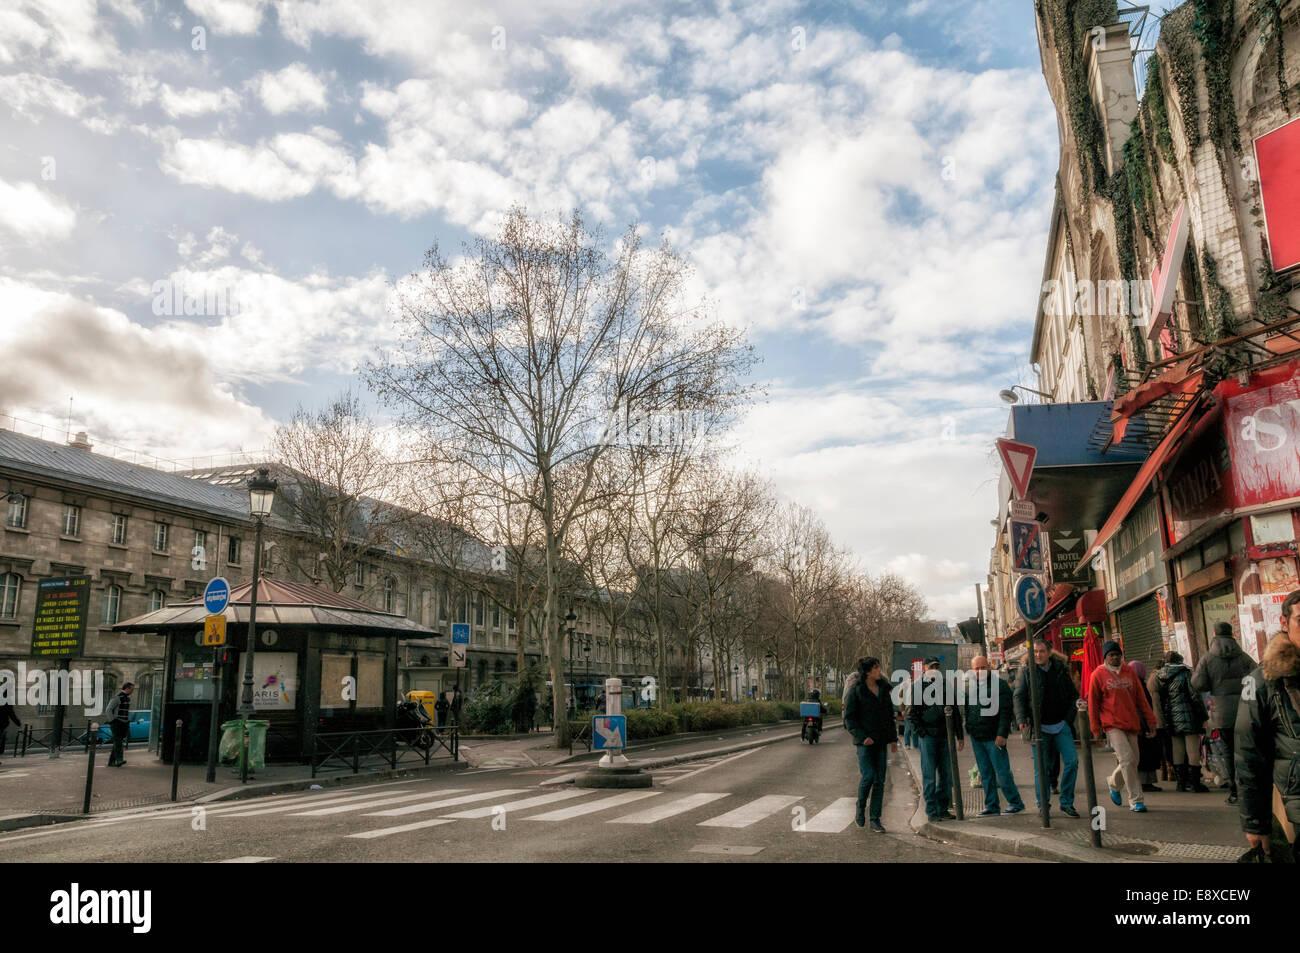 Strada di Parigi in inverno Immagini Stock